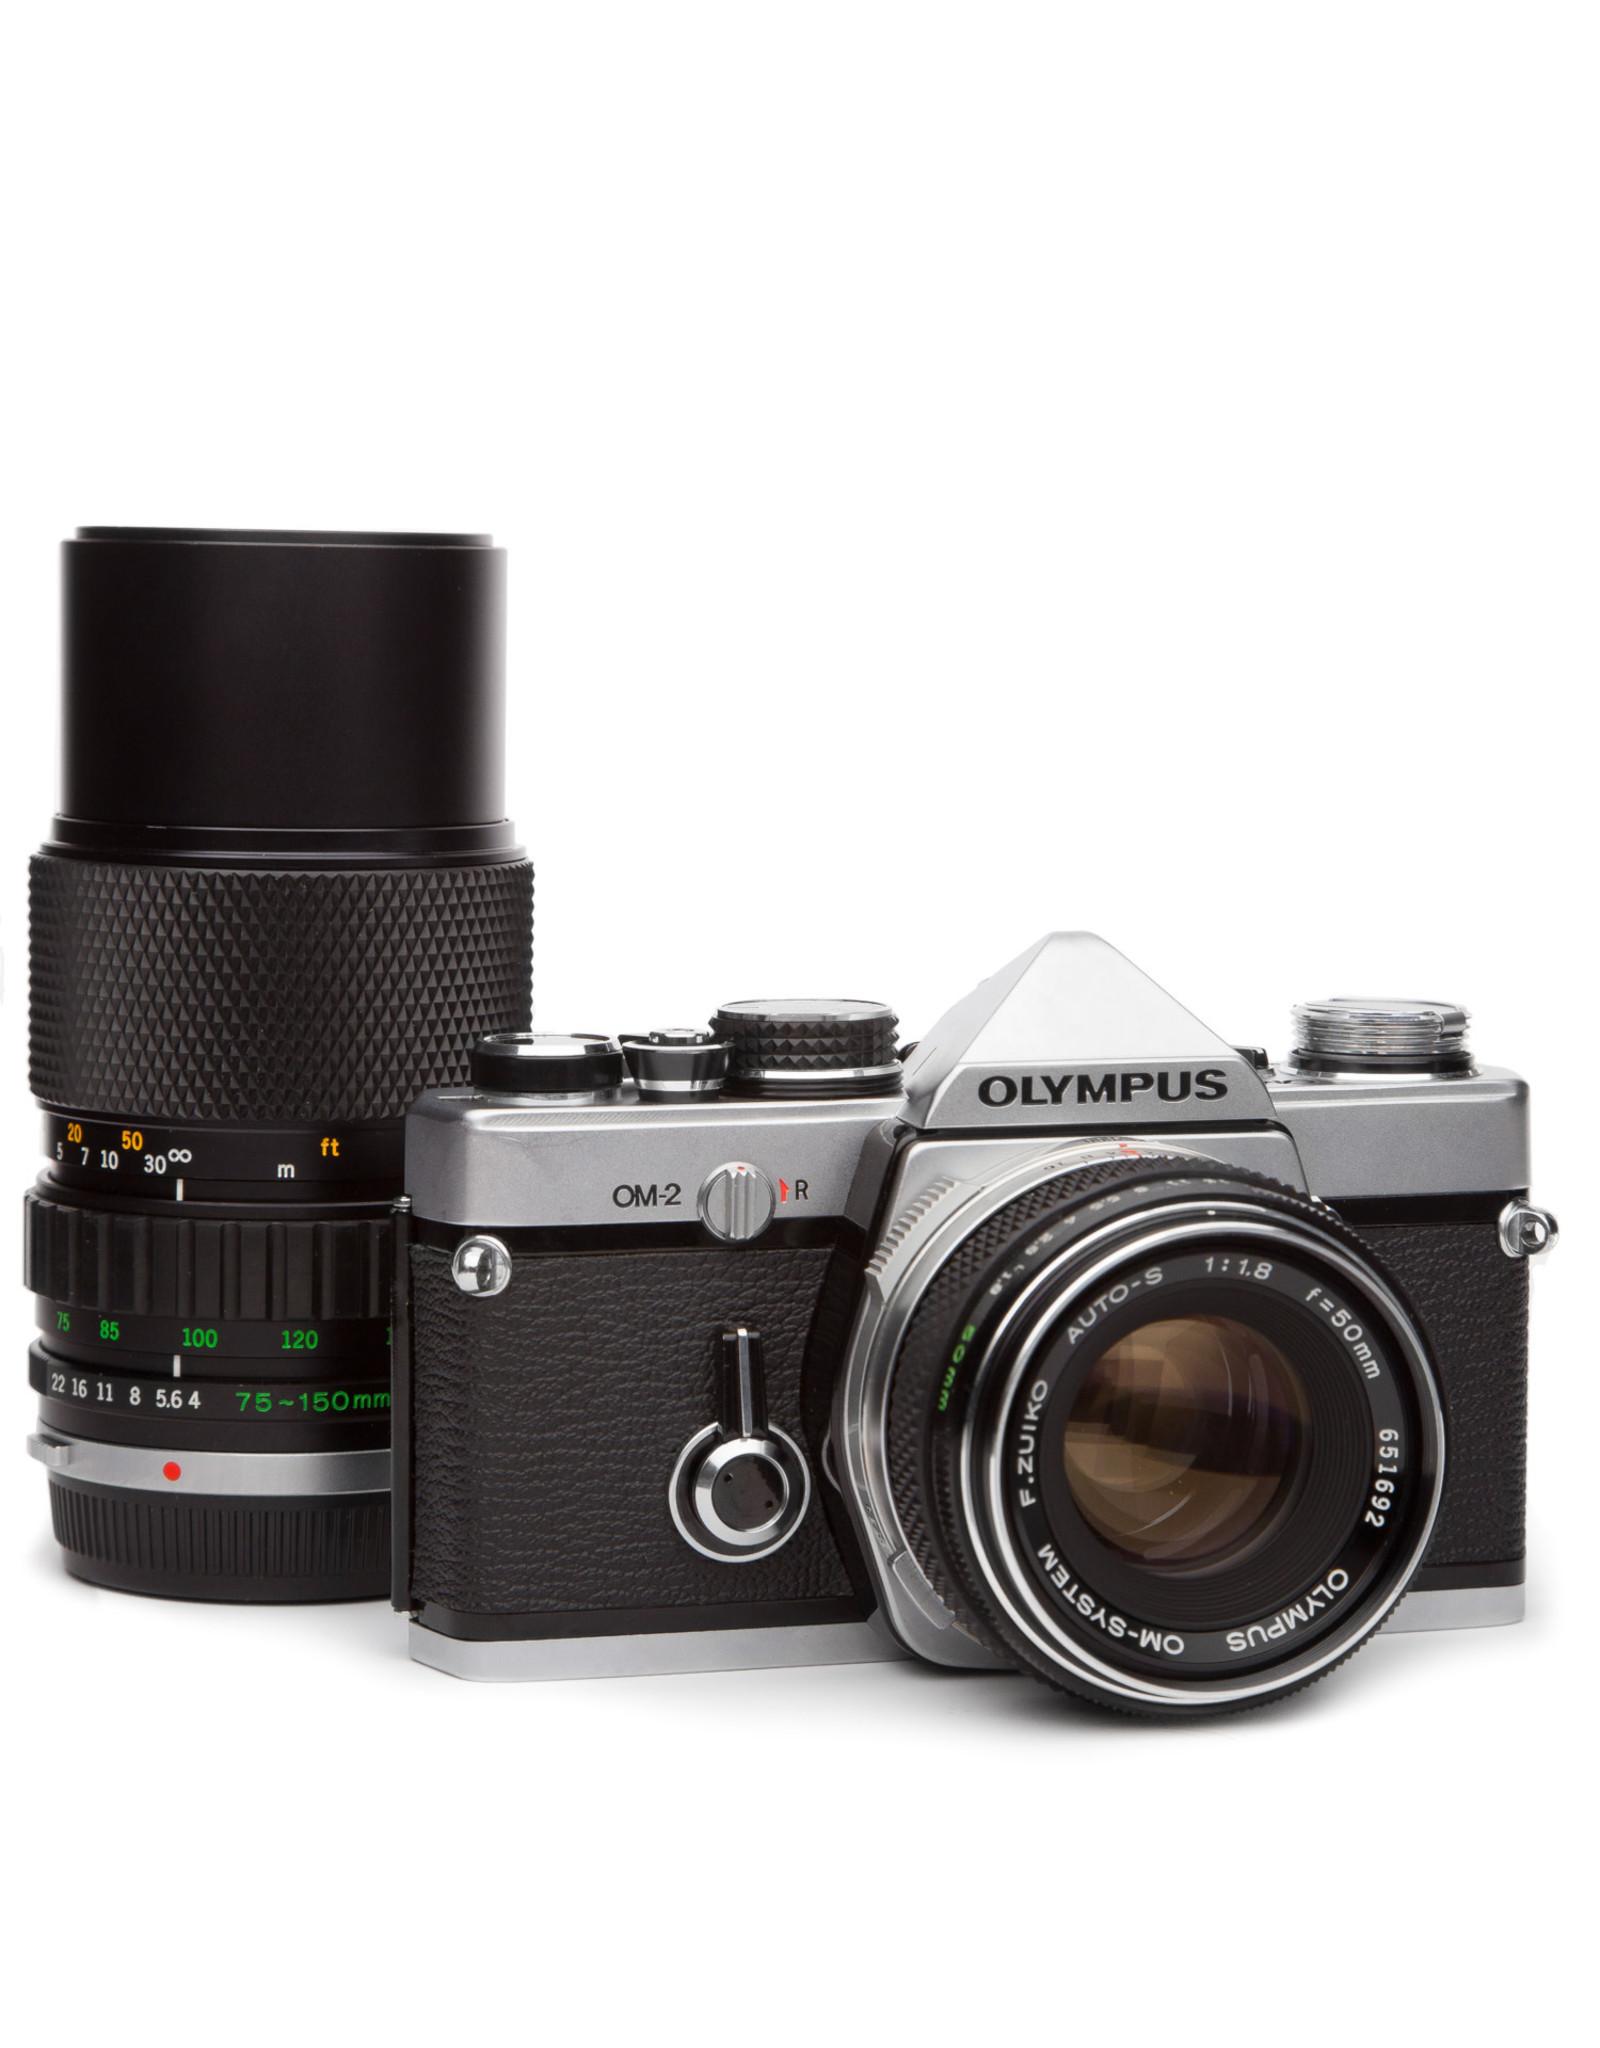 Olympus Olympus OM-2 35mm SLR w/50mm f1.8 & 75-150mm f4 Lens